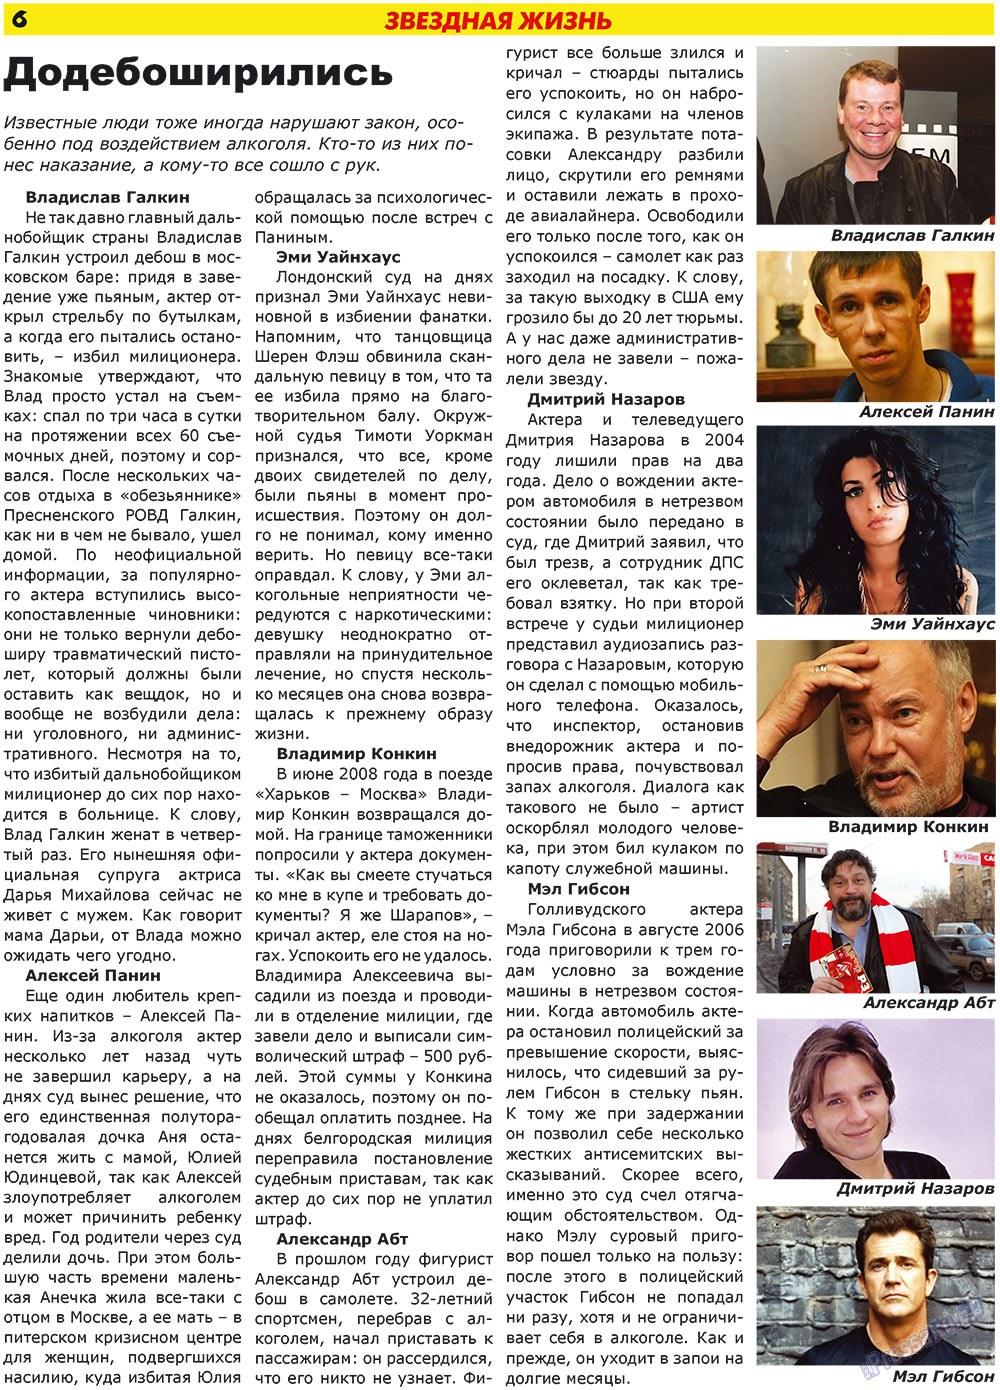 Forum Plus (газета). 2009 год, номер 1, стр. 6